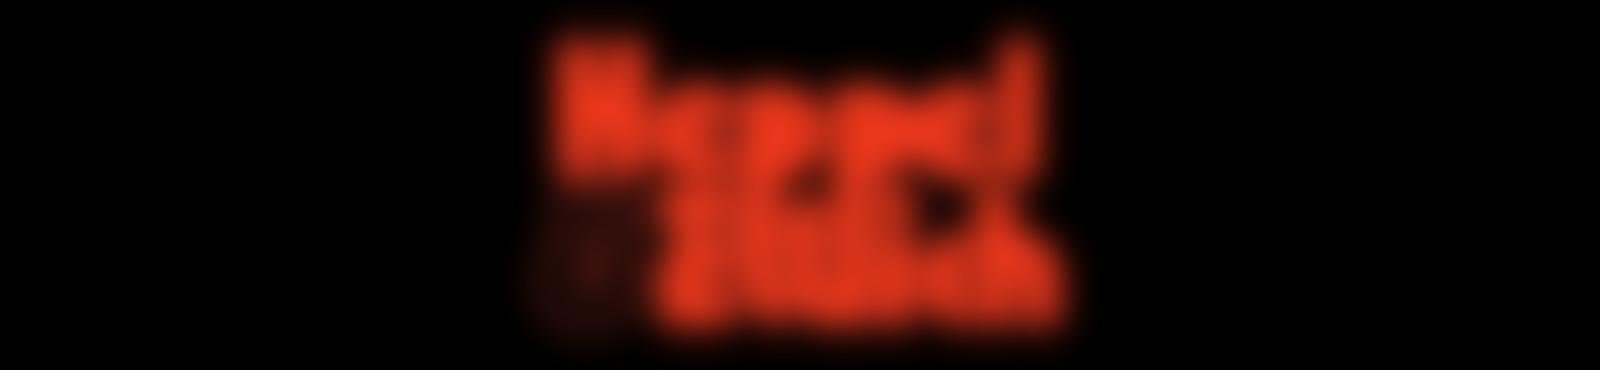 Blurred bbce025c 6c74 47ac 847d e160ff2ac581